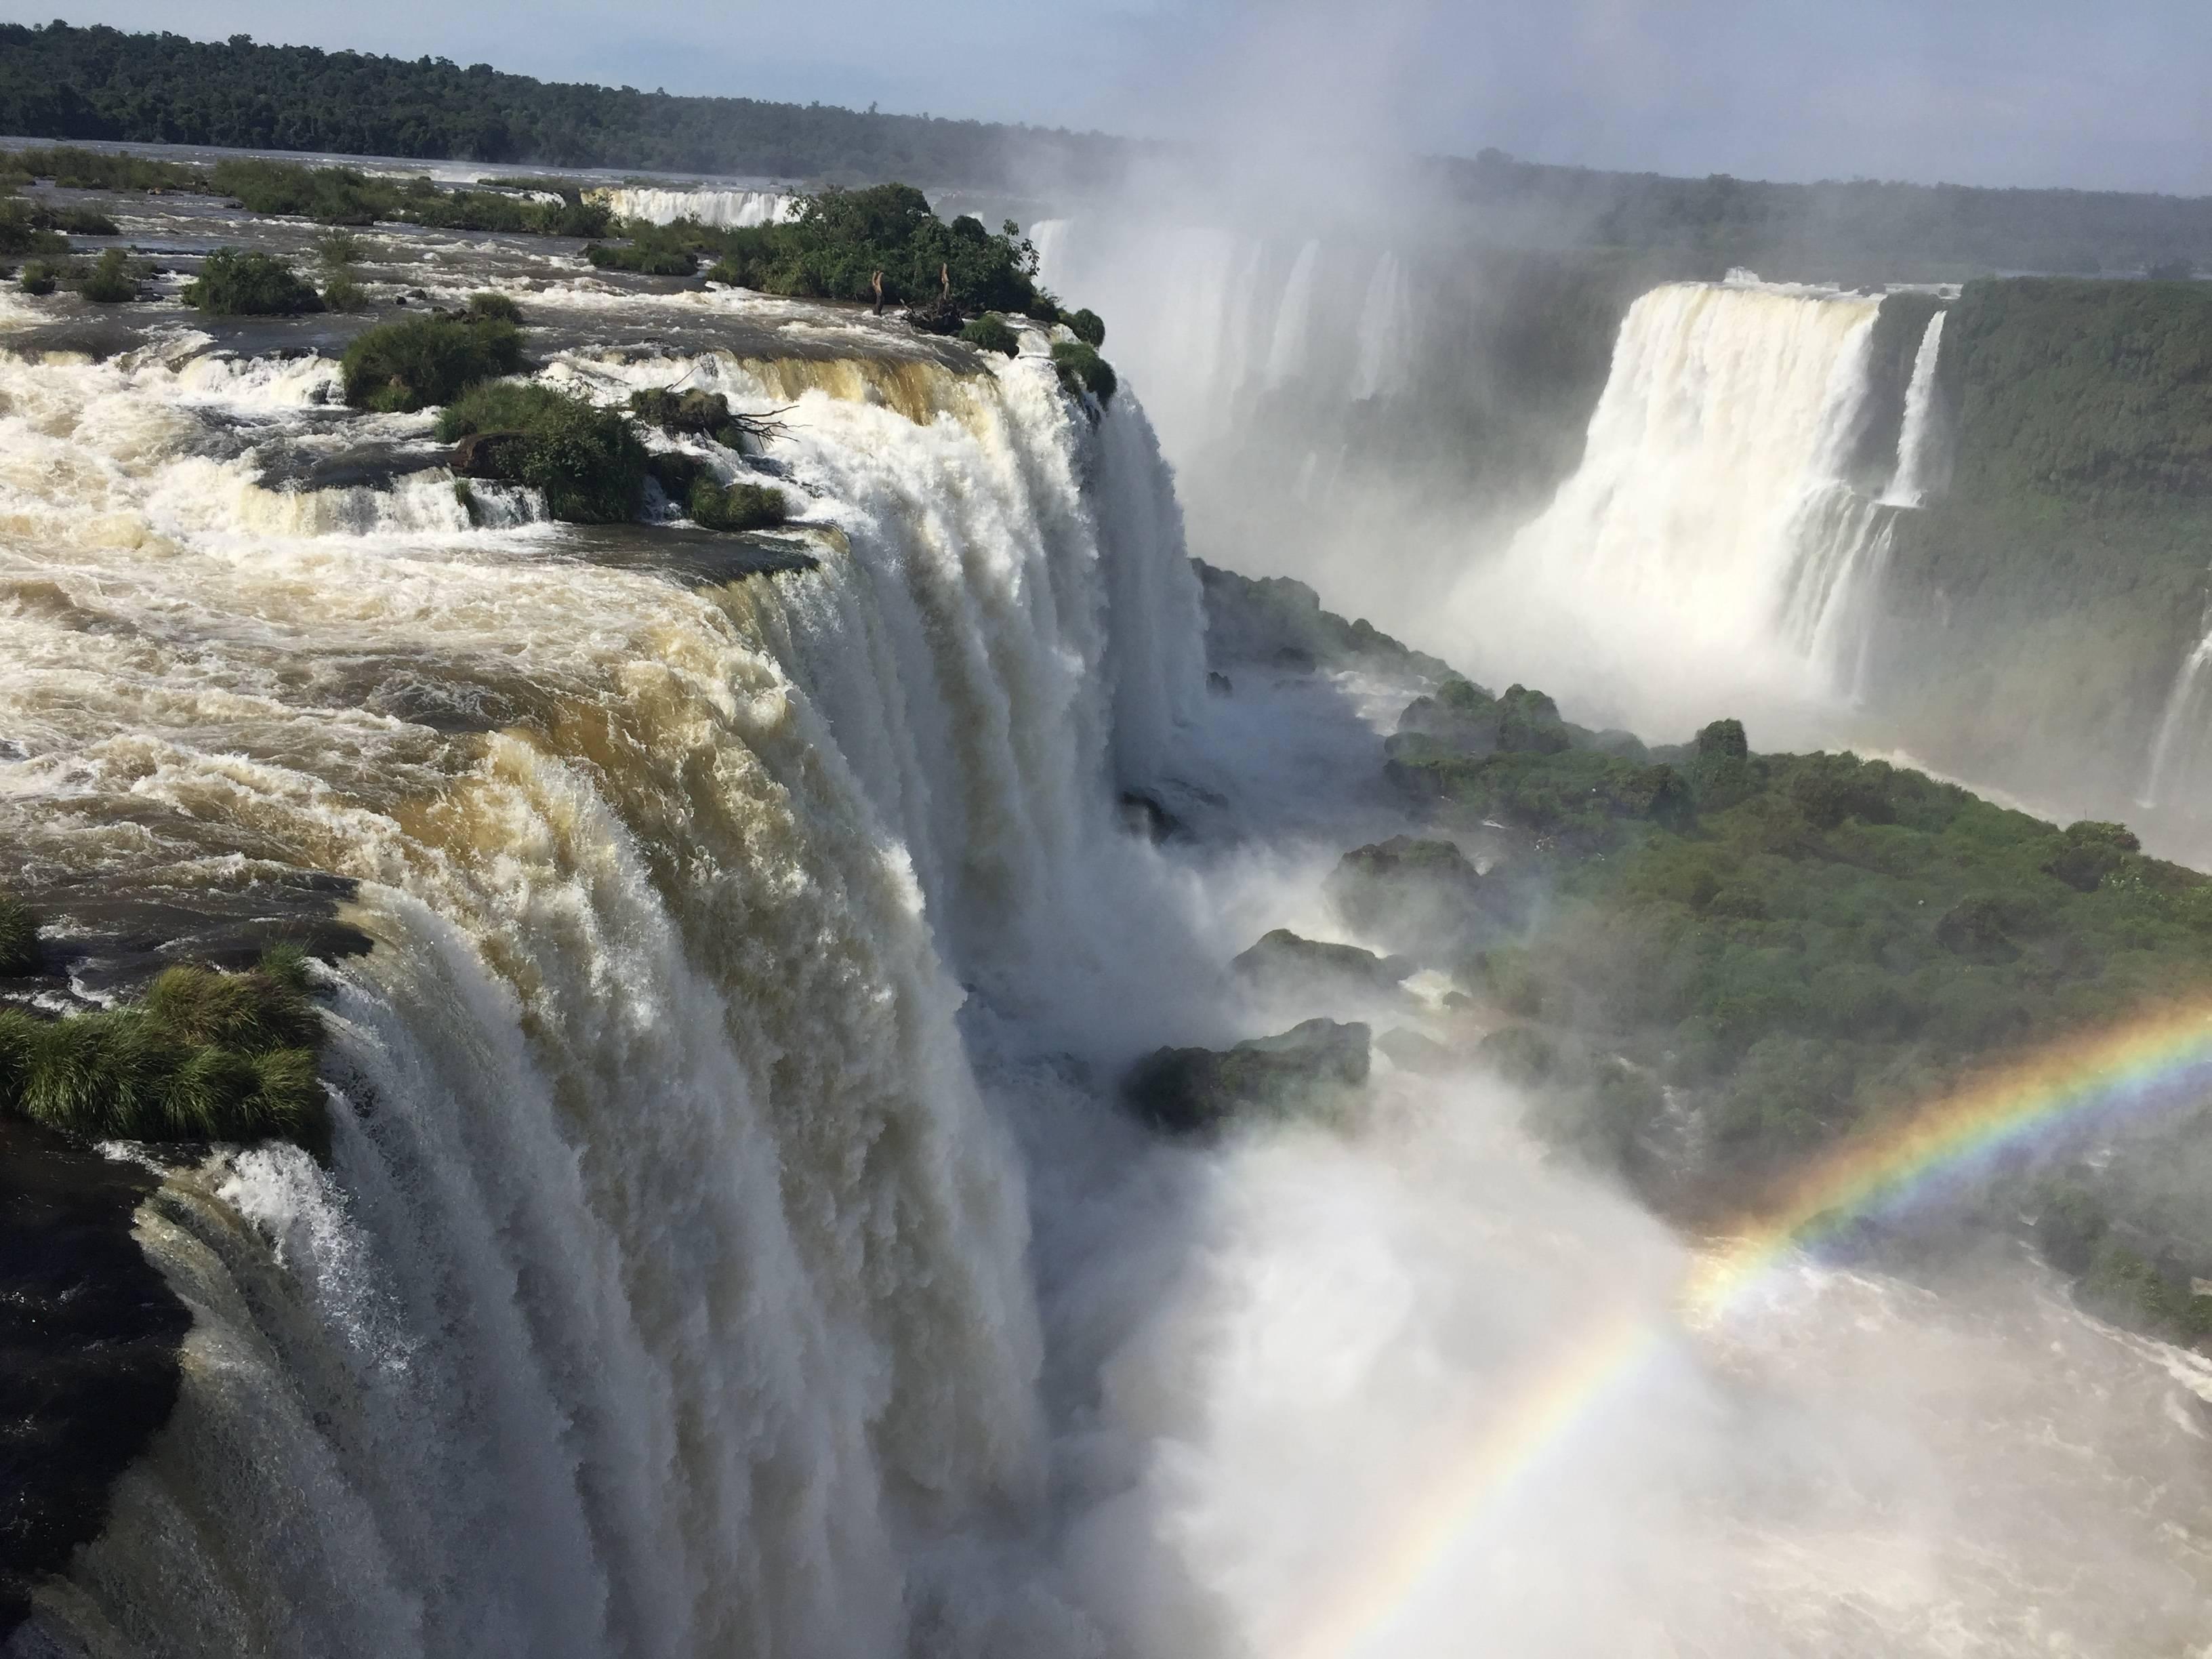 Photo 2: Iguazu sous arc en ciels